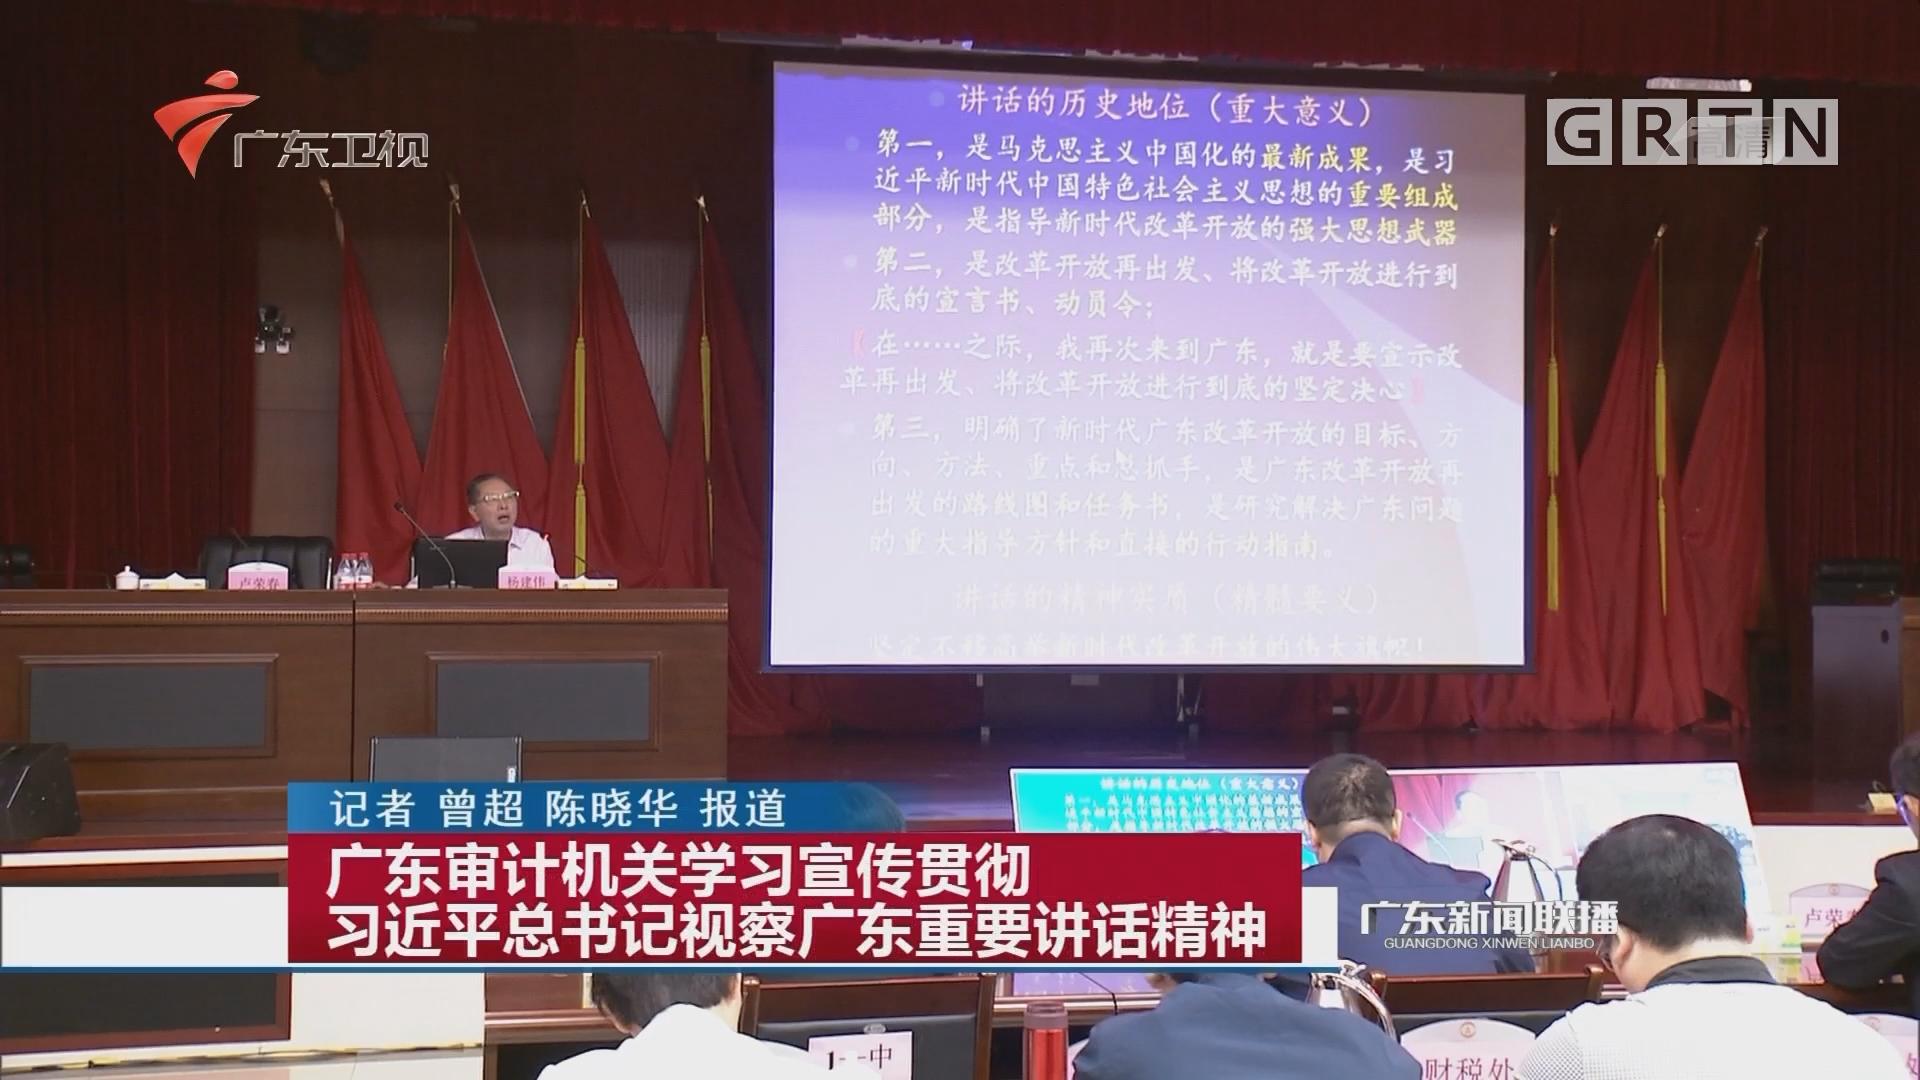 广东审计机关学习宣传贯彻习近平总书记视察广东重要讲话精神